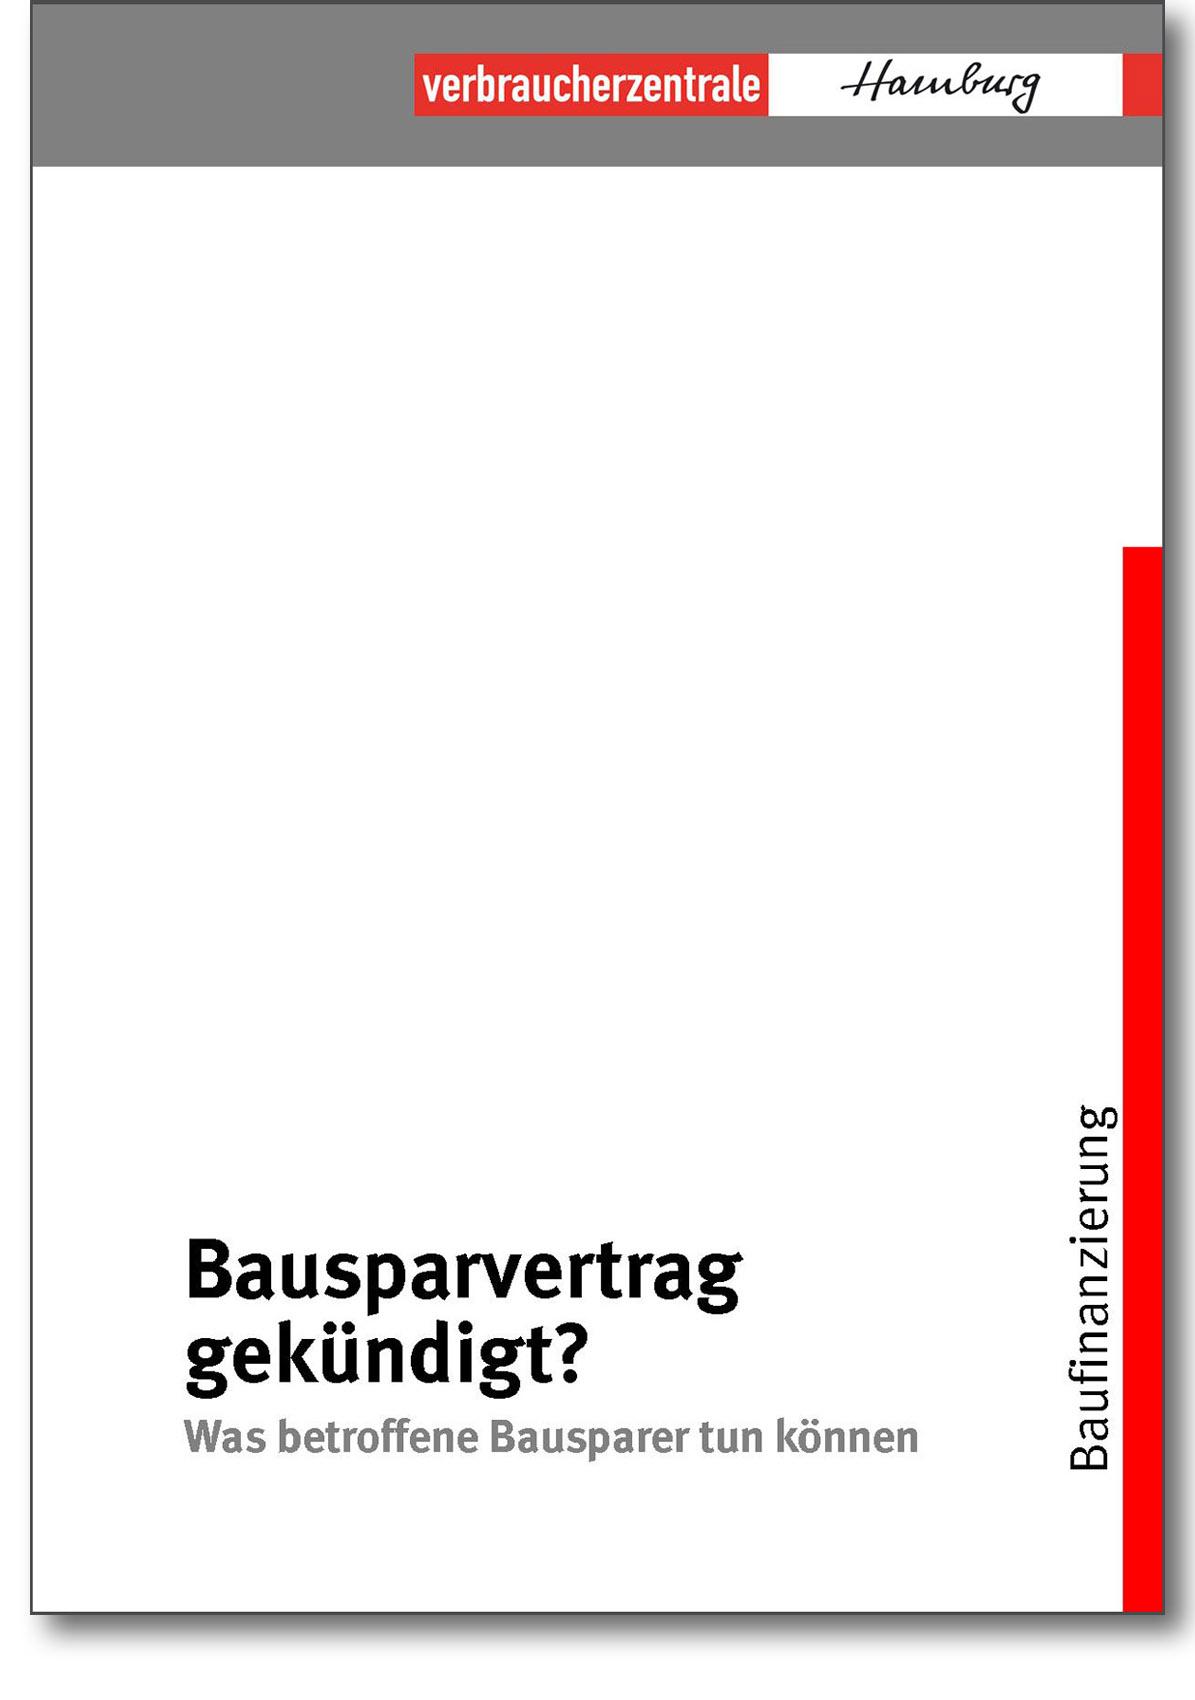 Broschüre - Bausparvertrag gekündigt - Verbraucherzentrale